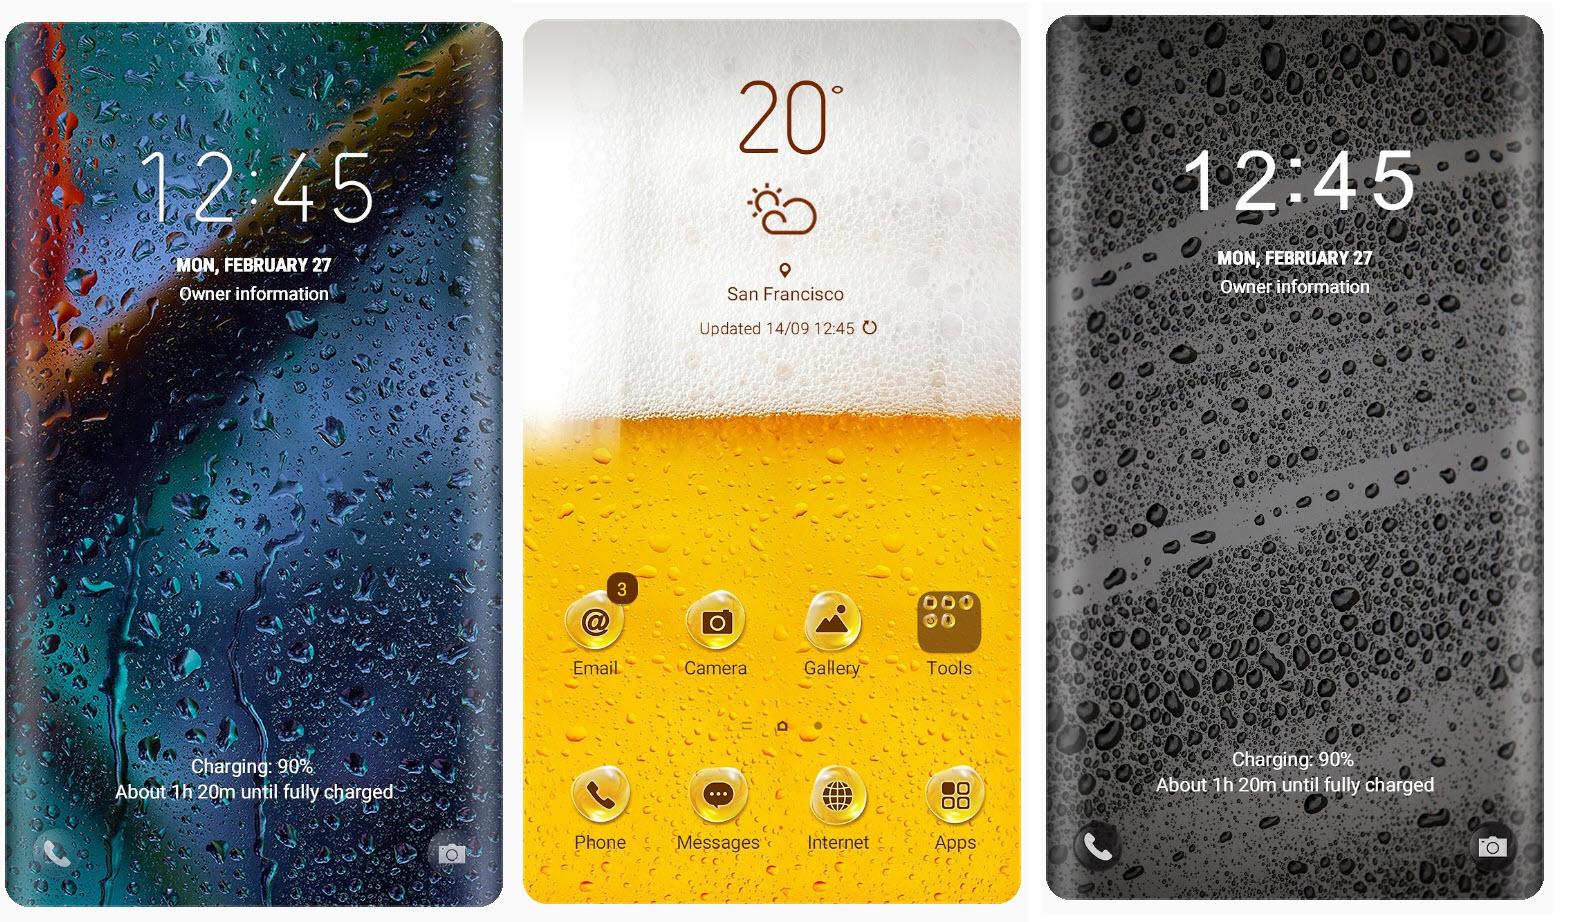 Samsung Themes: 70 temas gratis para descargar de la tienda en 2019 10